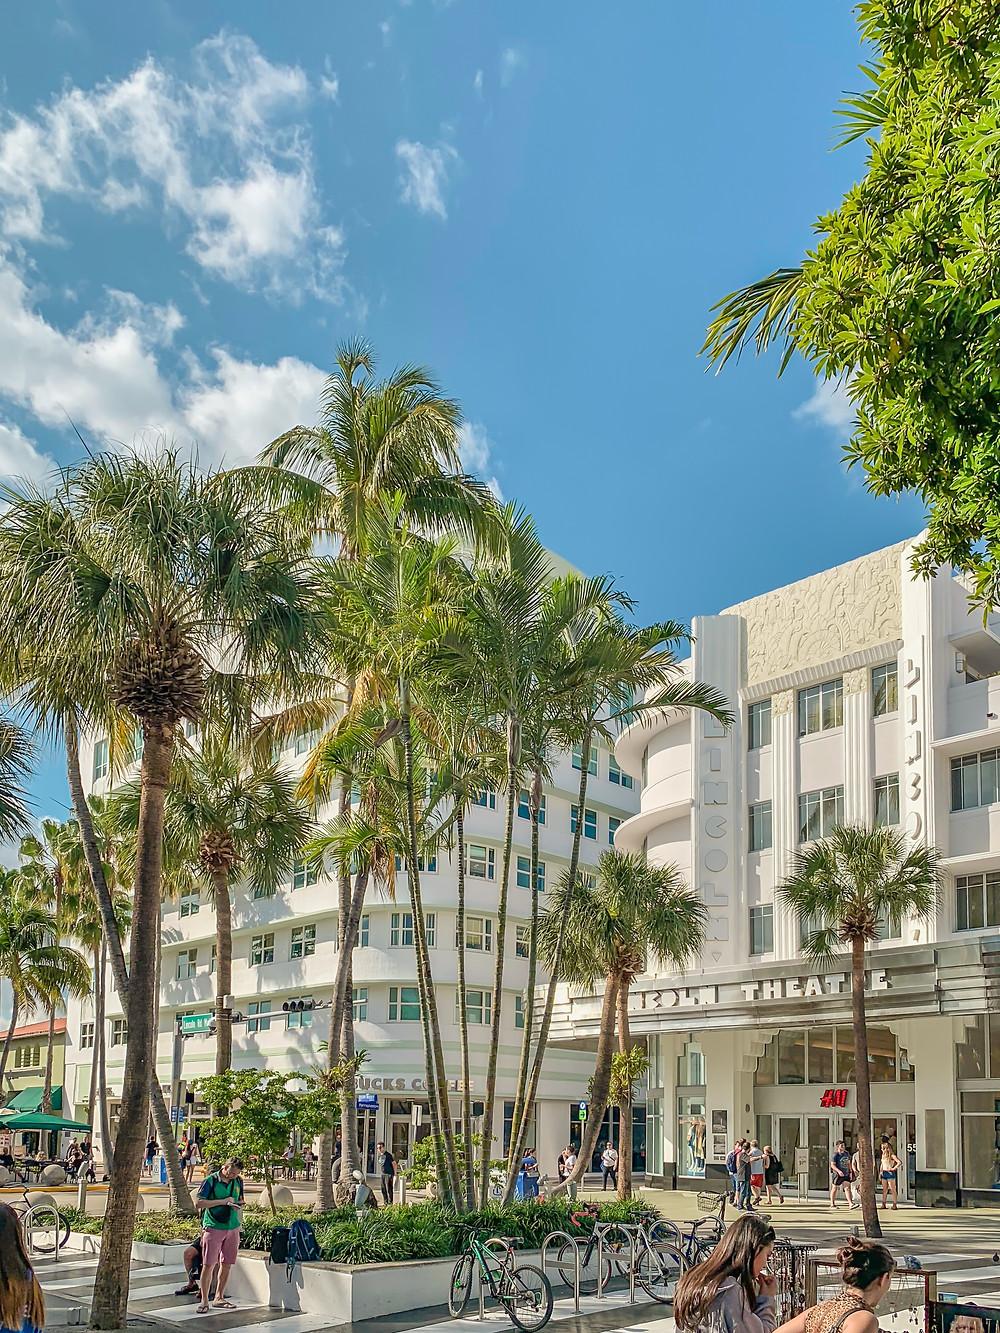 shopping mall miami beach south beach florida